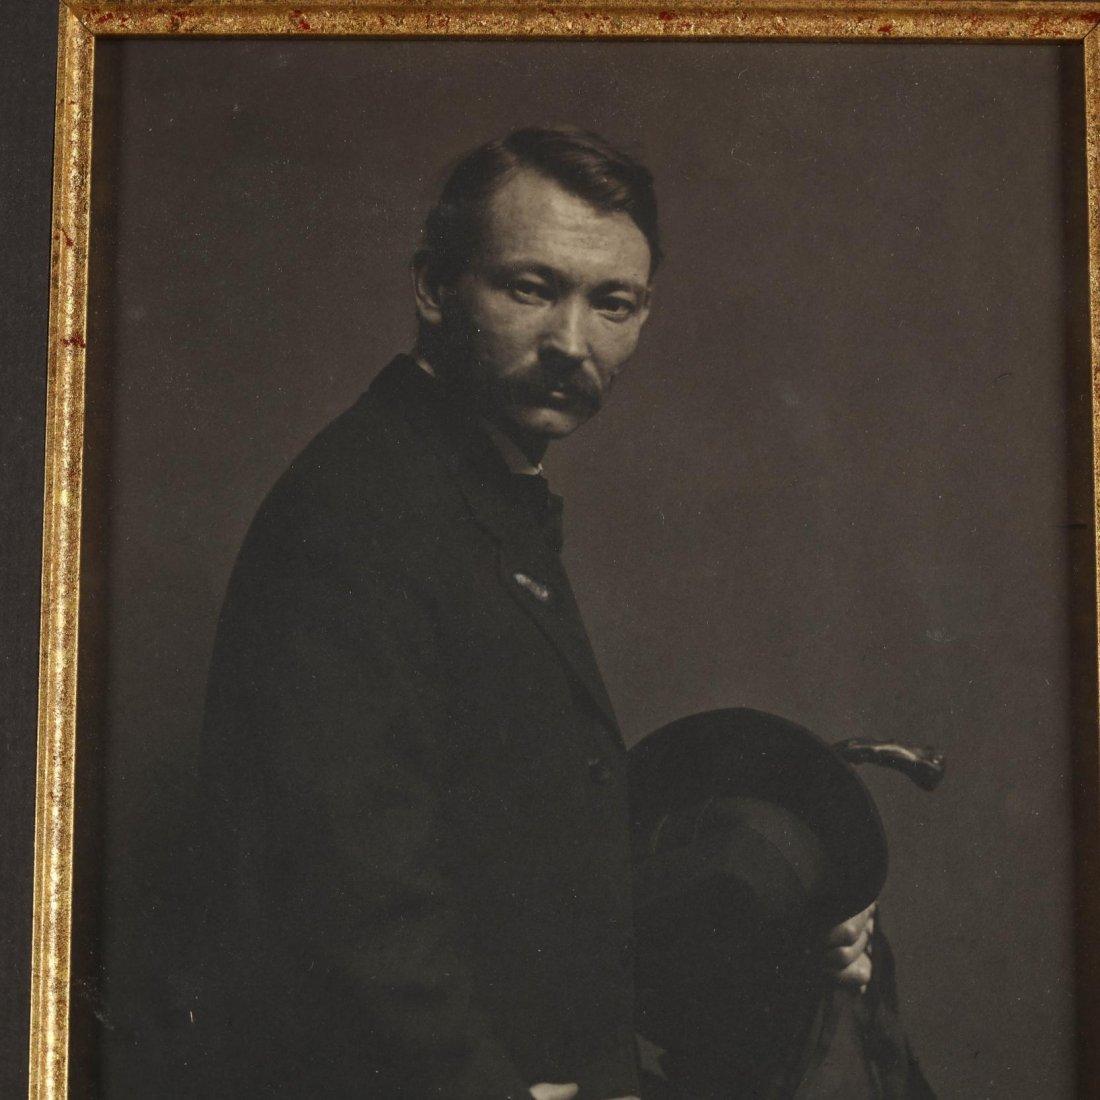 Gertrude S. Käsebier (1852-1934), Portrait of Robert - 3